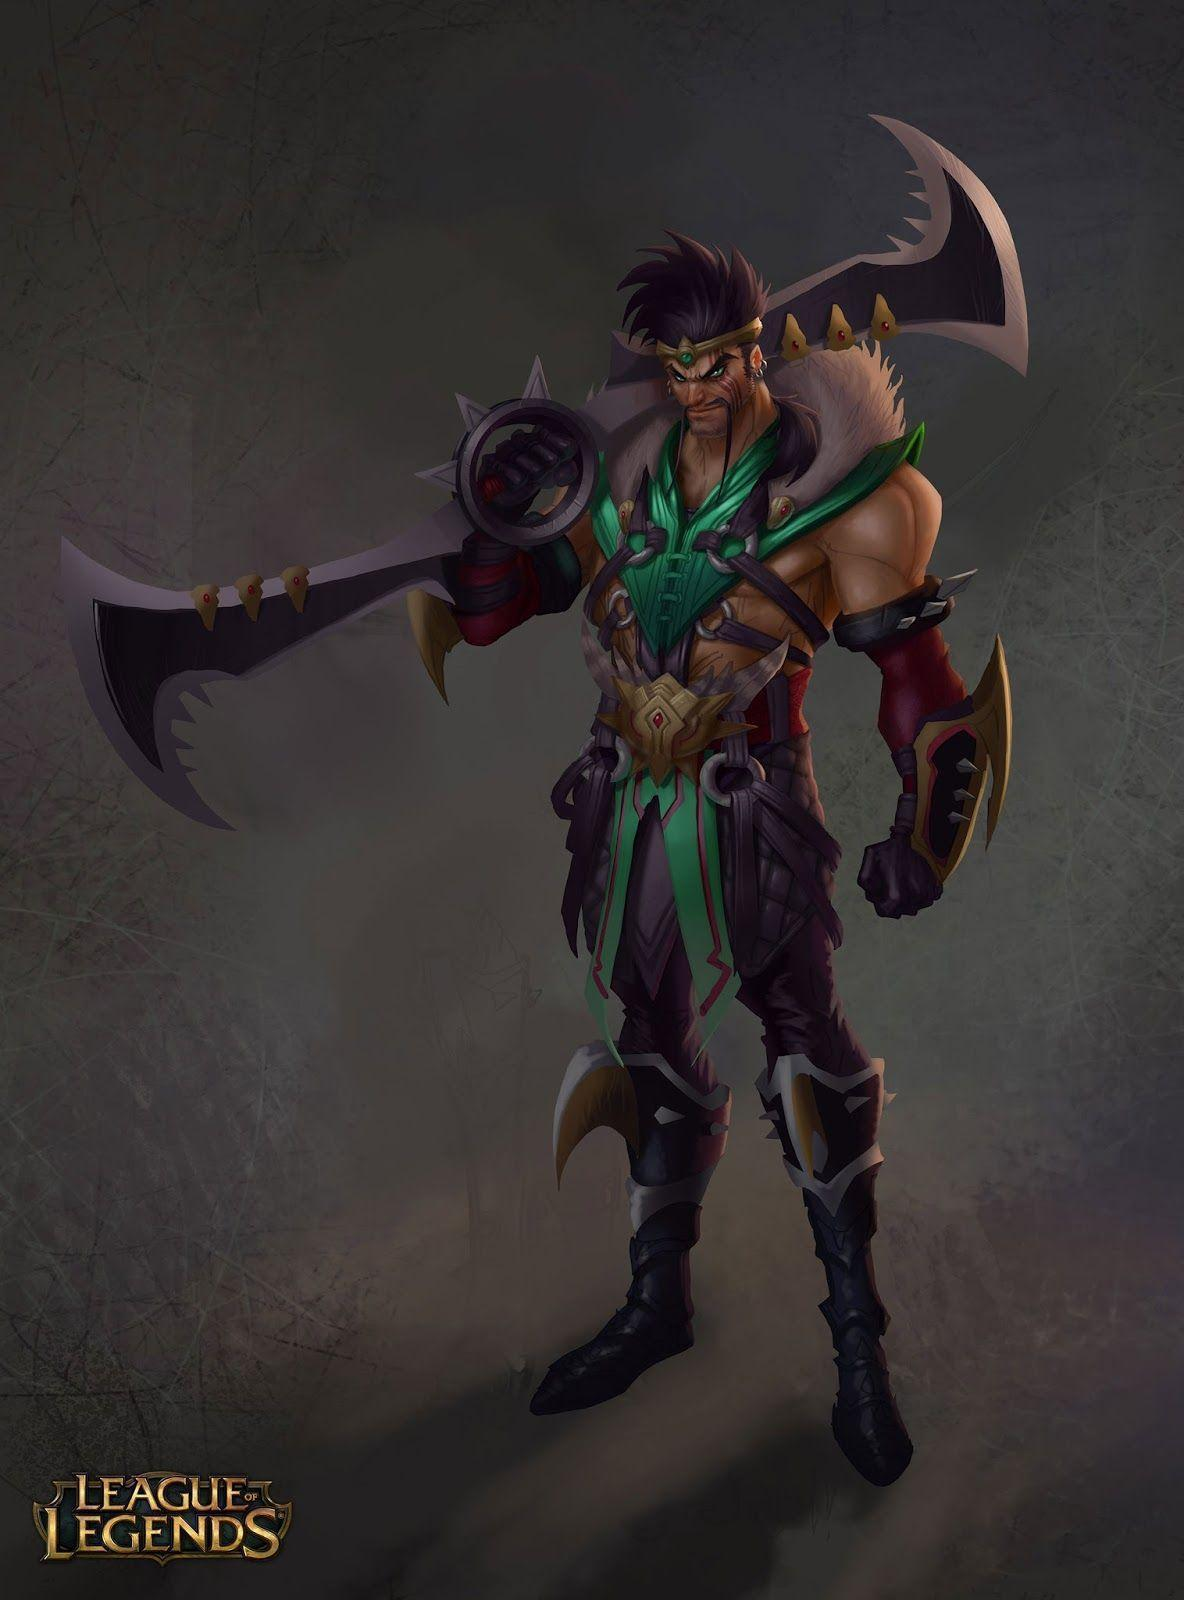 Draven - League Of Legends Wallpaper